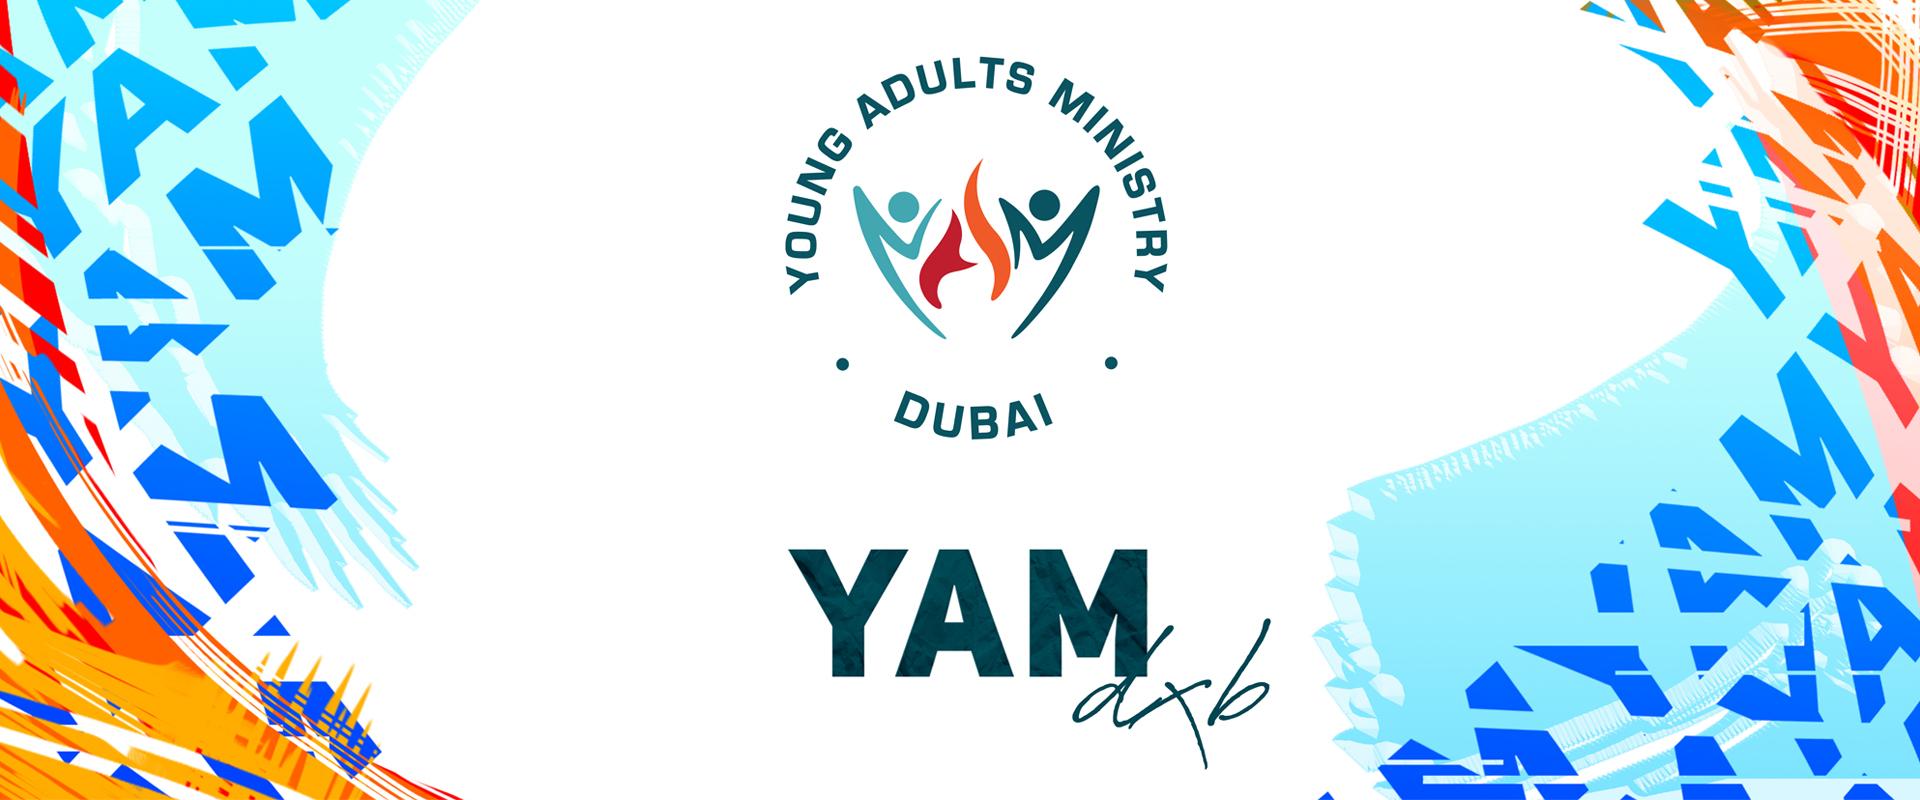 yam dxb